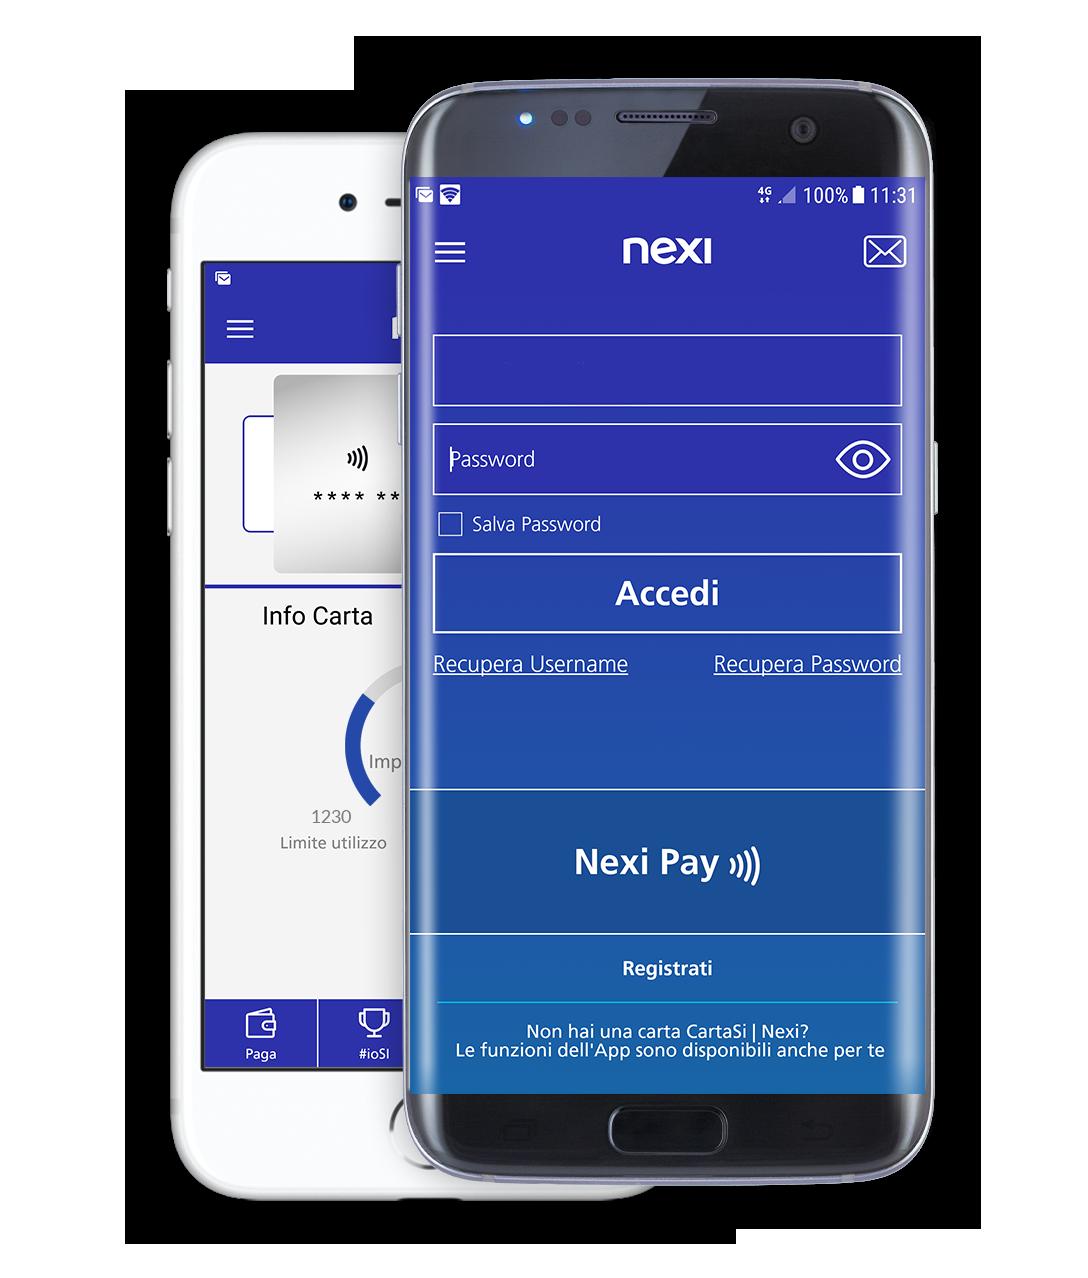 E' arrivato #iovinco, il concorso instant win di Nexi per i pagamenti digitali thumbnail